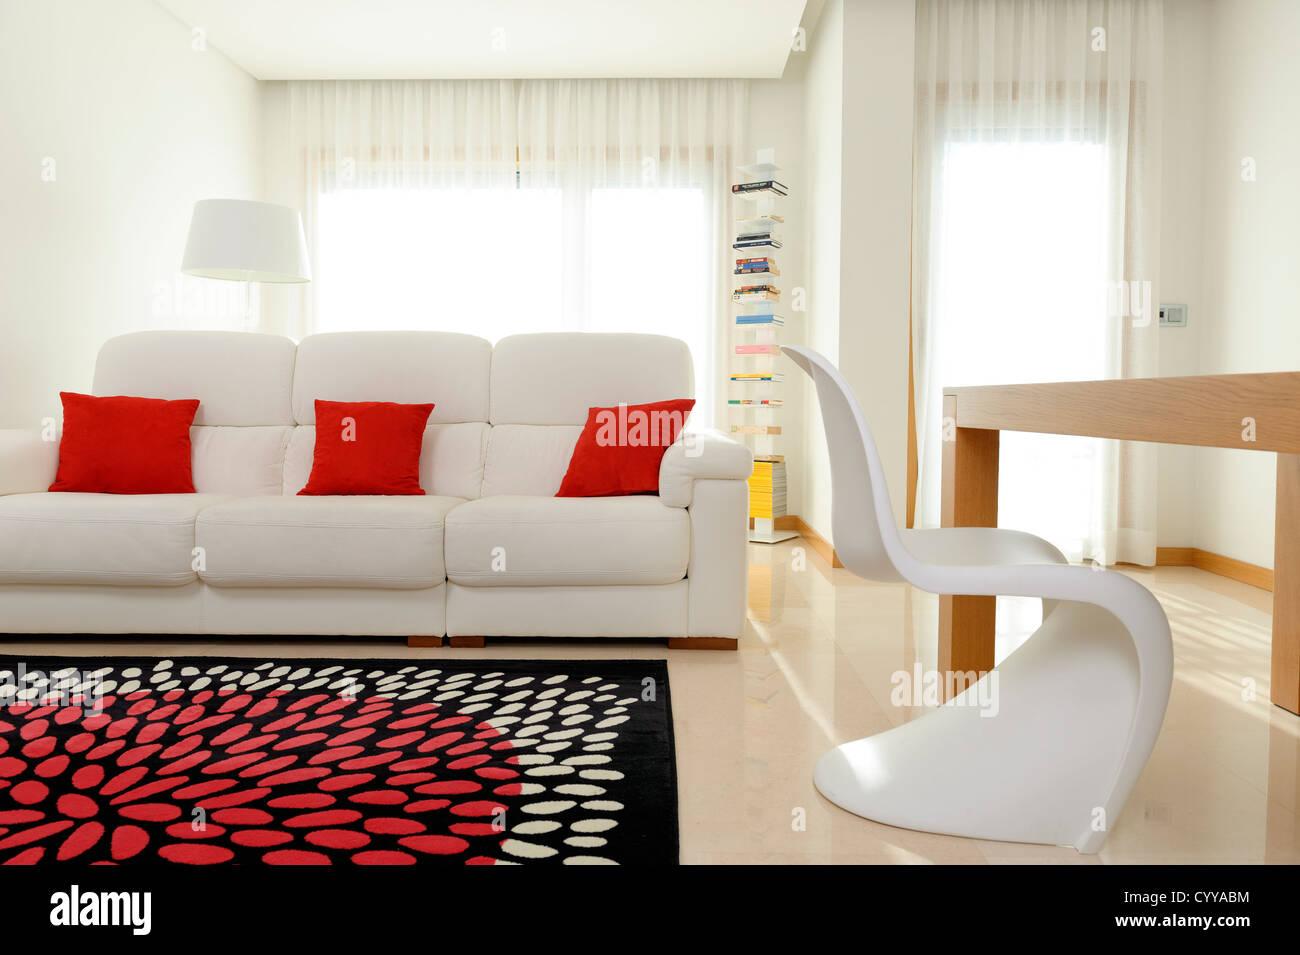 Uberlegen Wohnzimmer Mit Weißen Sofa, Esstisch Und Vitra Verner Panton Chair